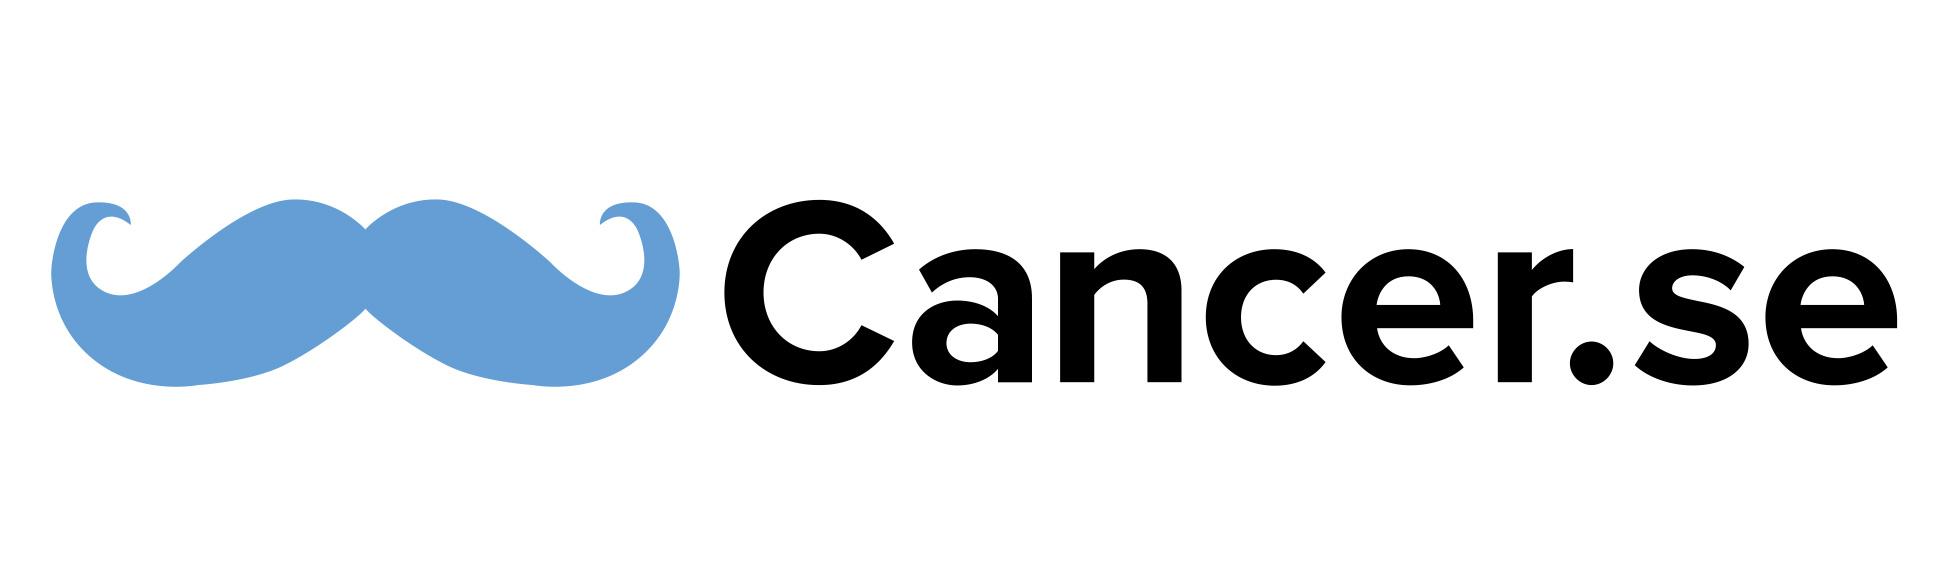 Cancer.se –